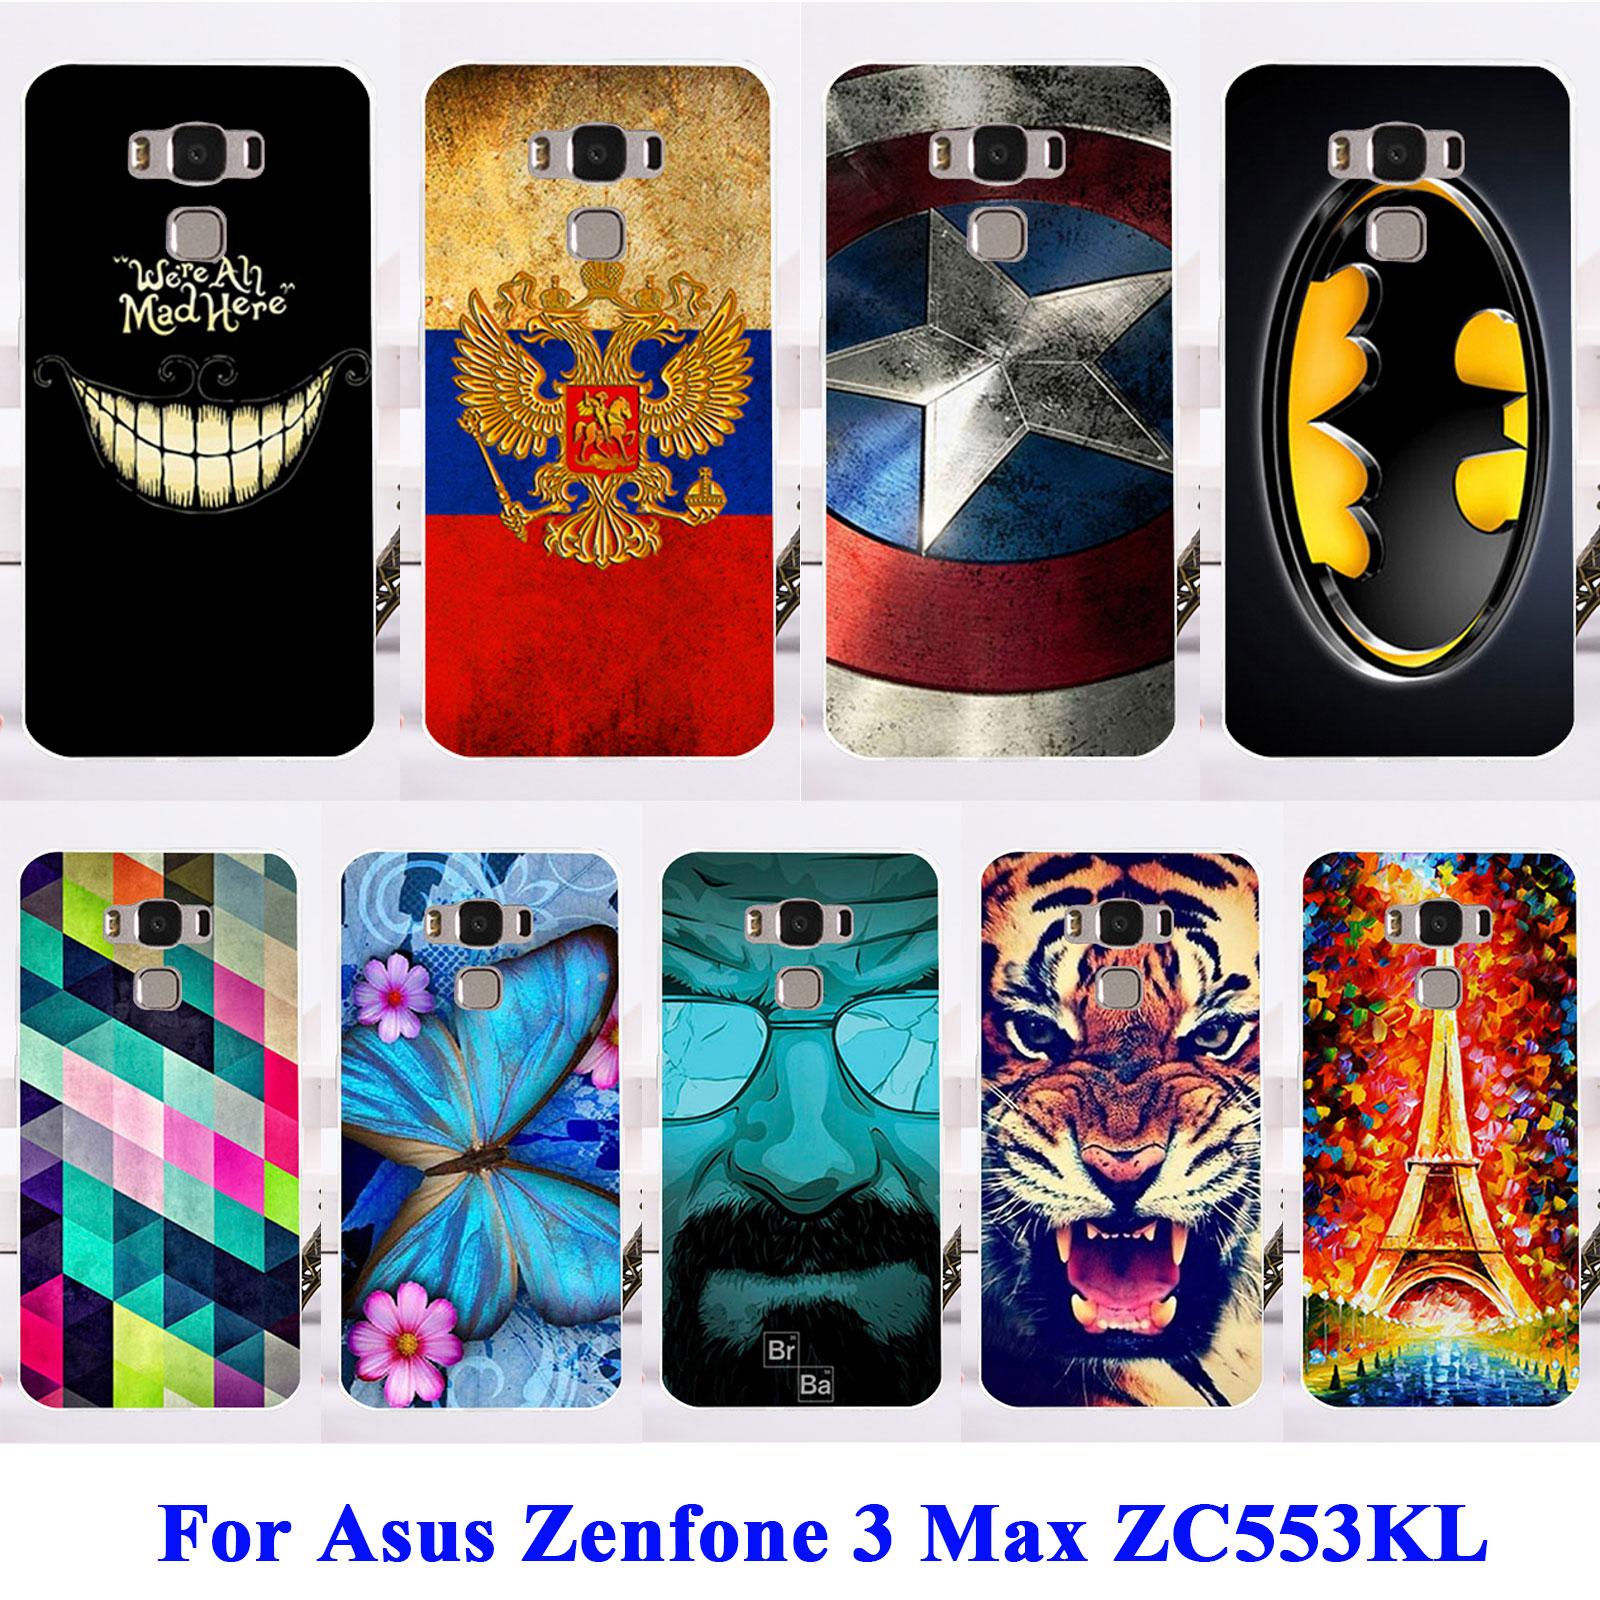 Plástico duro cajas del teléfono de tpu suave para asus zenfone 3 max zc553kl ze